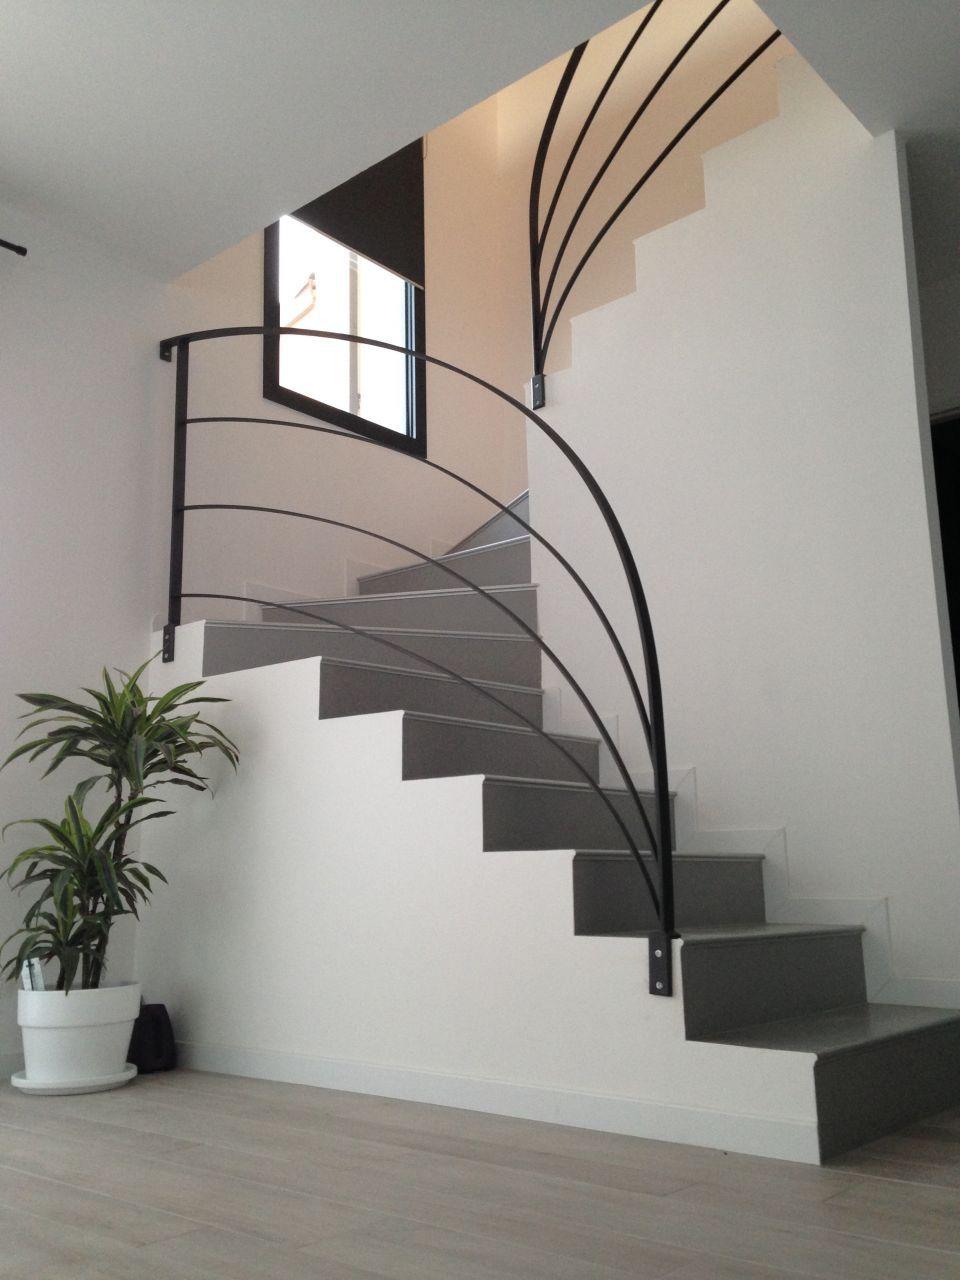 vous avez pr vu un escalier dans votre nouvelle habitation oui mais alors quel garde corps. Black Bedroom Furniture Sets. Home Design Ideas